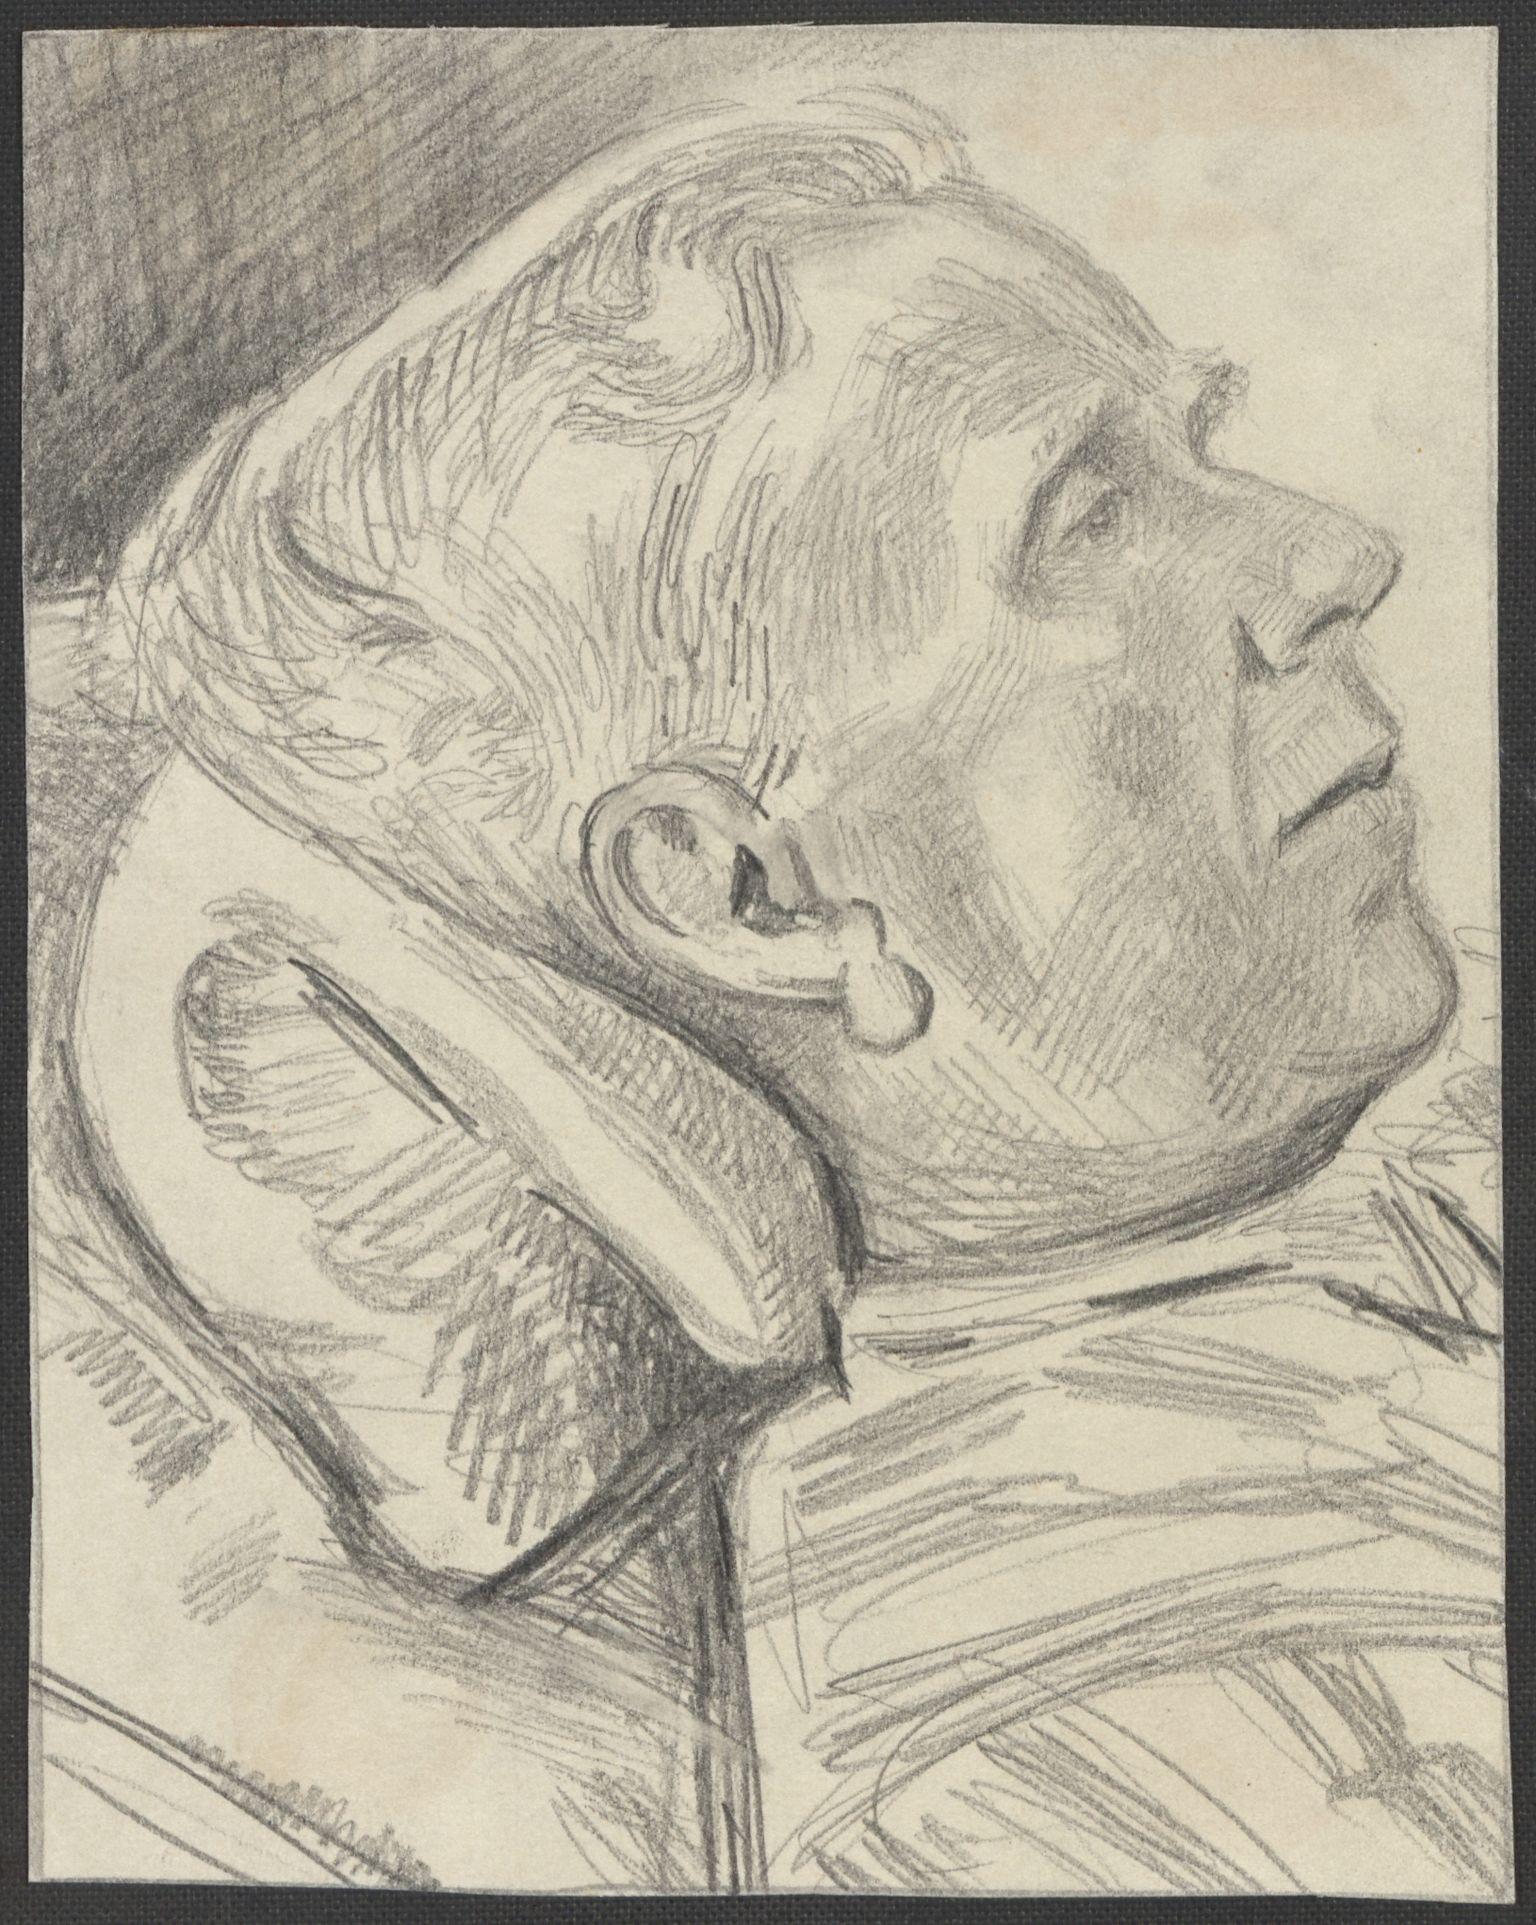 RA, Grøgaard, Joachim, F/L0002: Tegninger og tekster, 1942-1945, s. 60